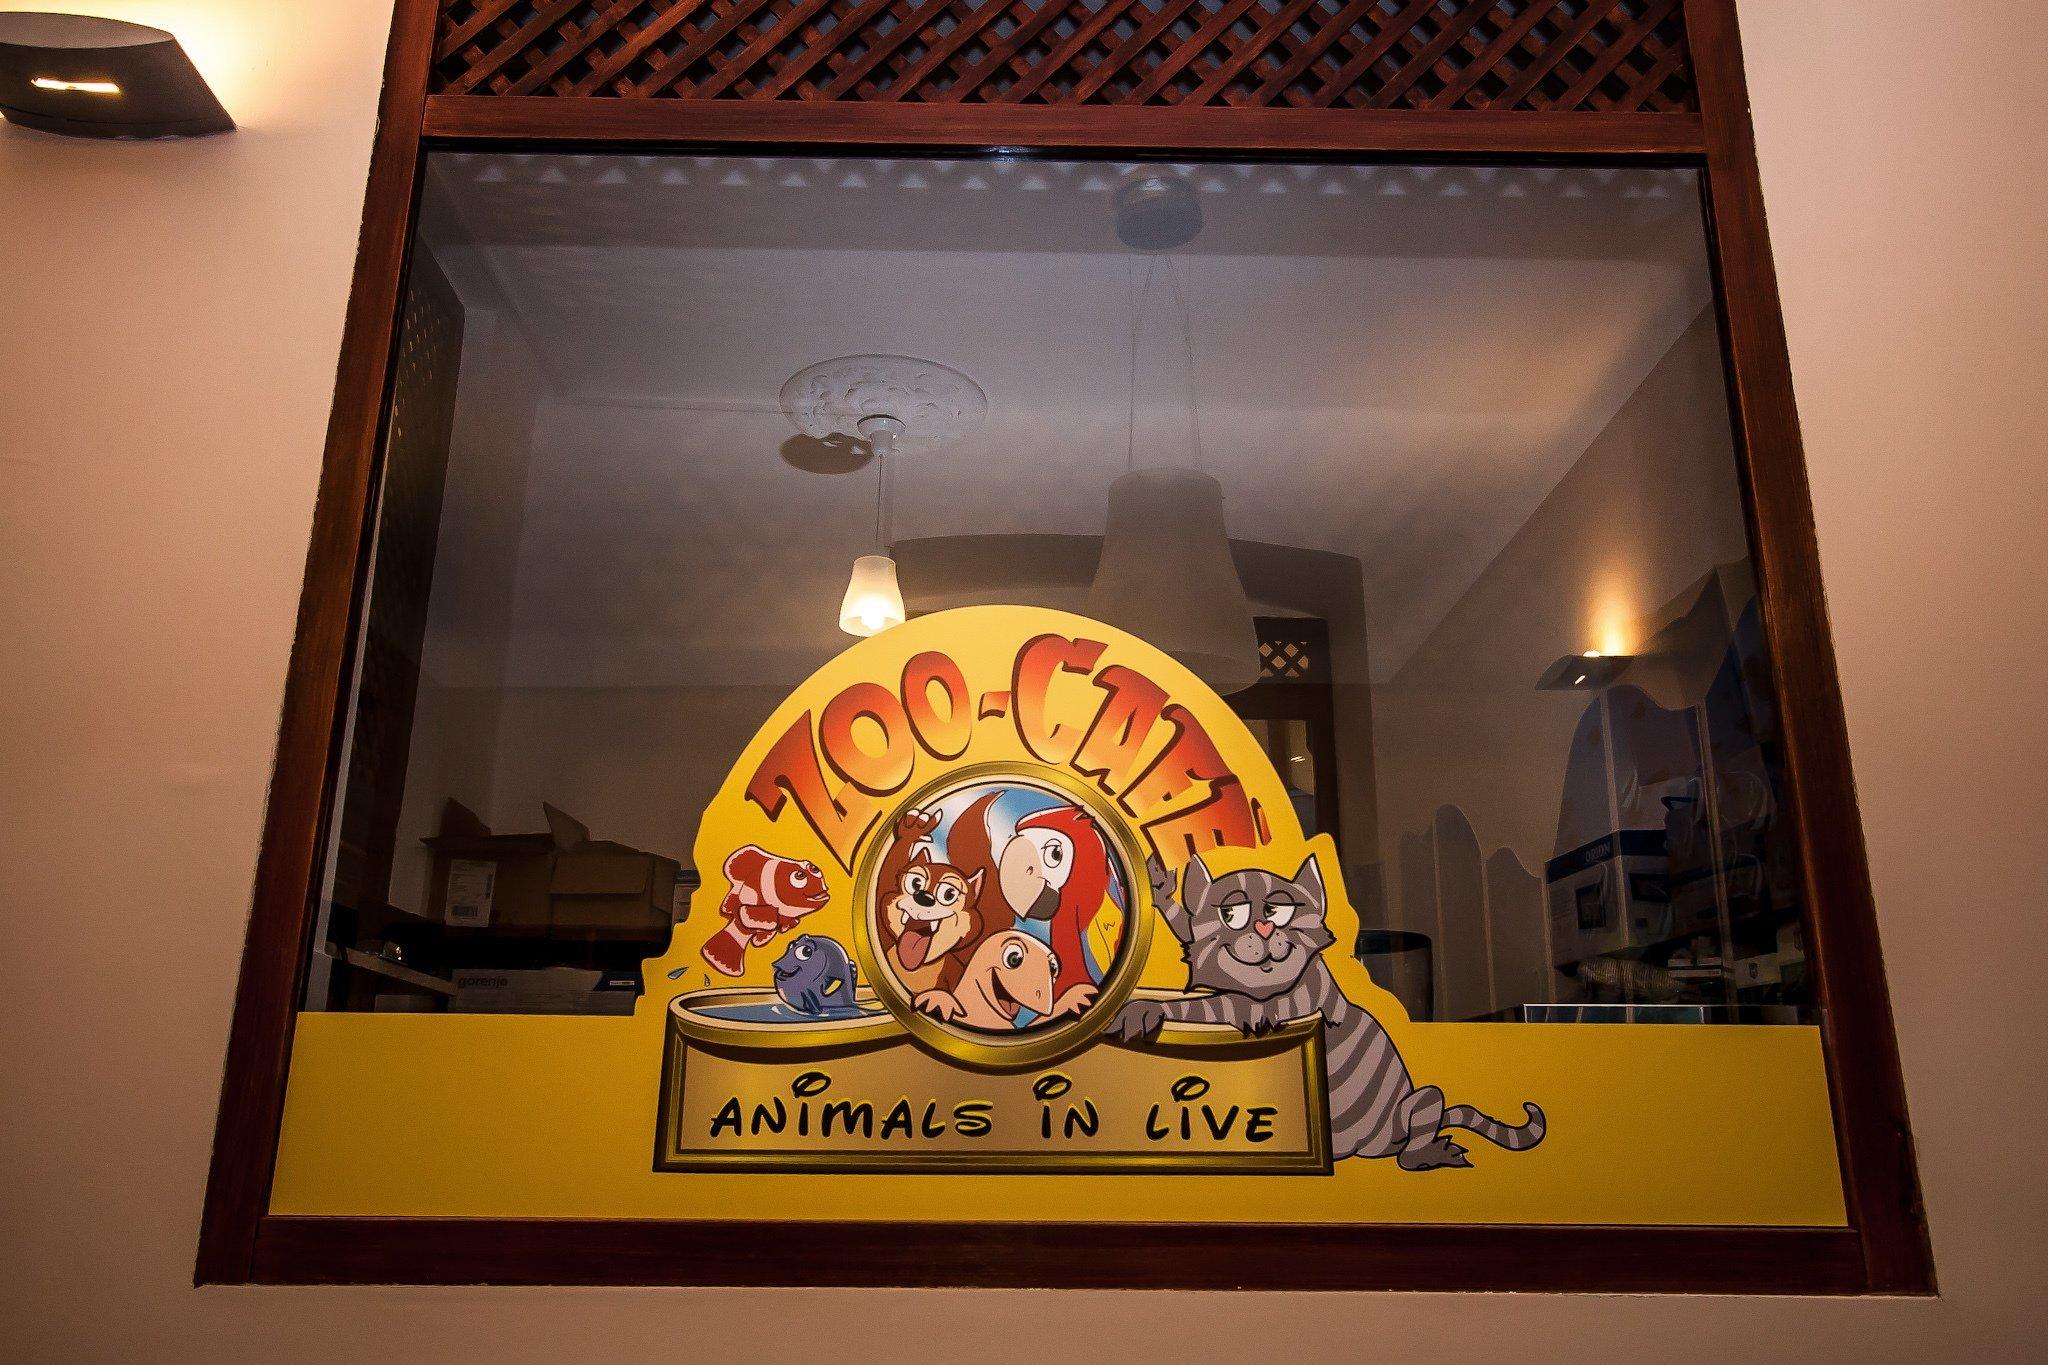 Wielka wyprzedaż piękno sklep dyskontowy Animal Cafe Has Opened in Budapest – Daily News Hungary